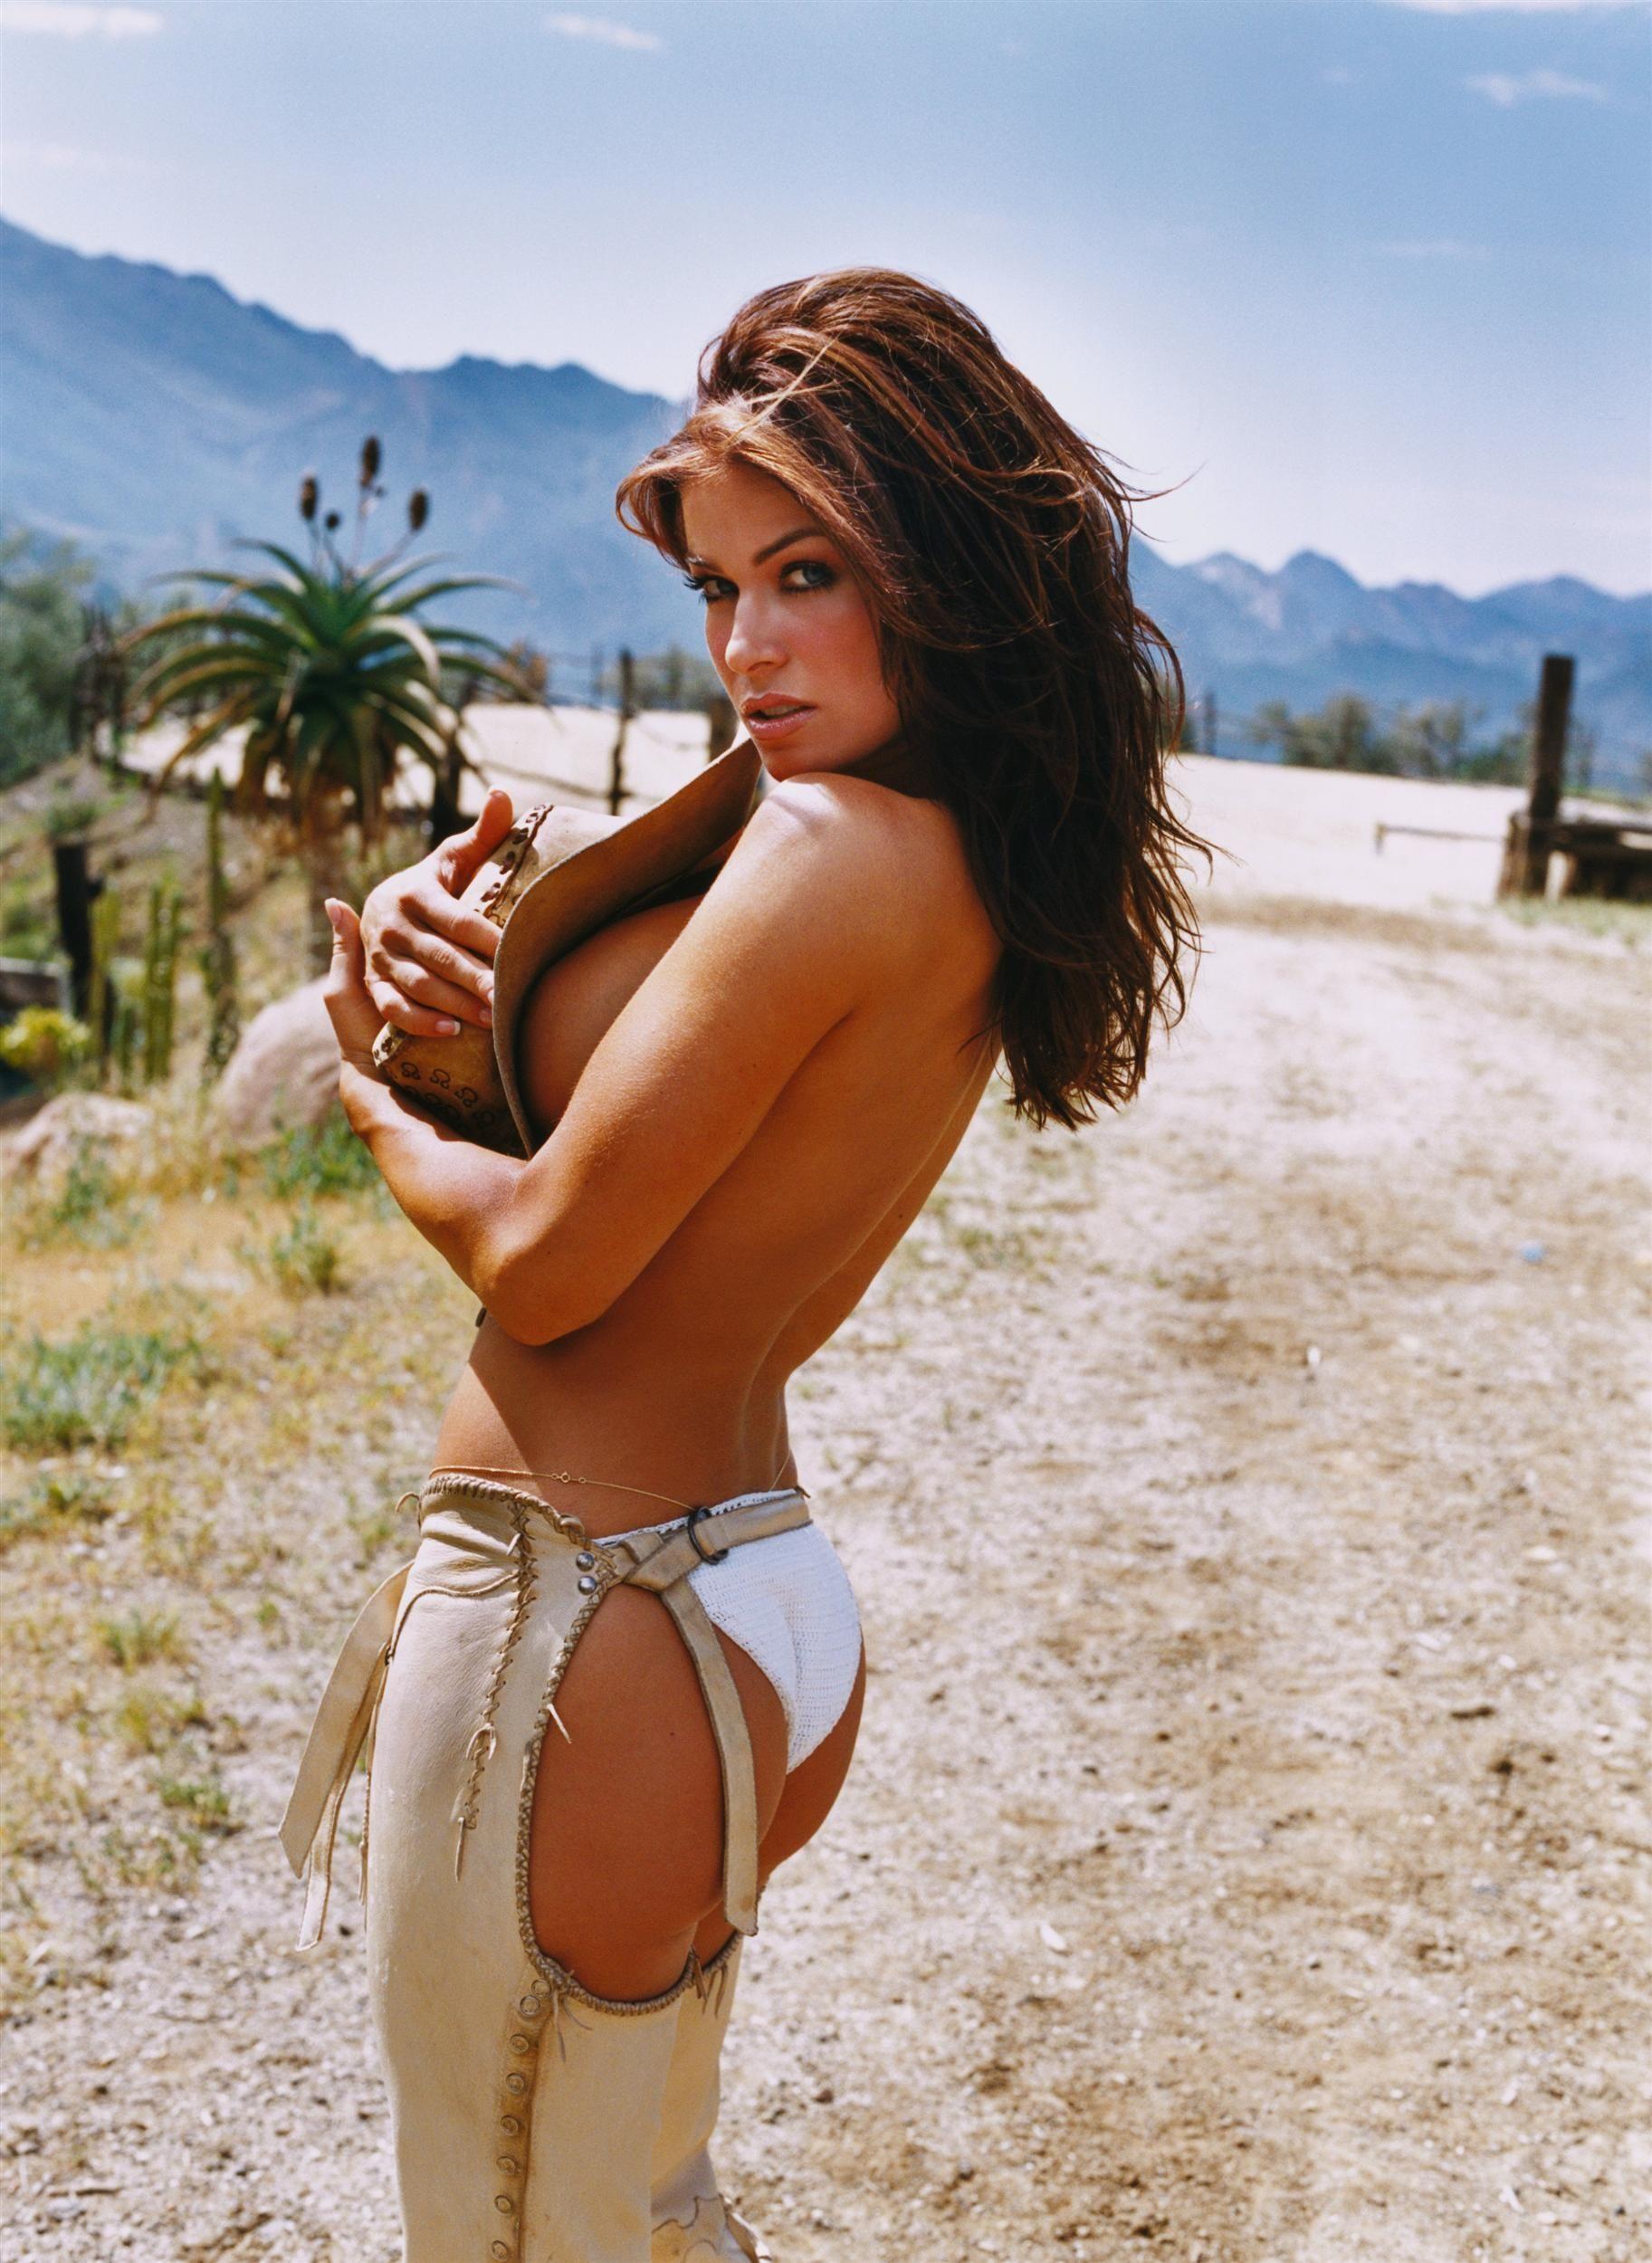 Selfie Carmen Electra nude photos 2019